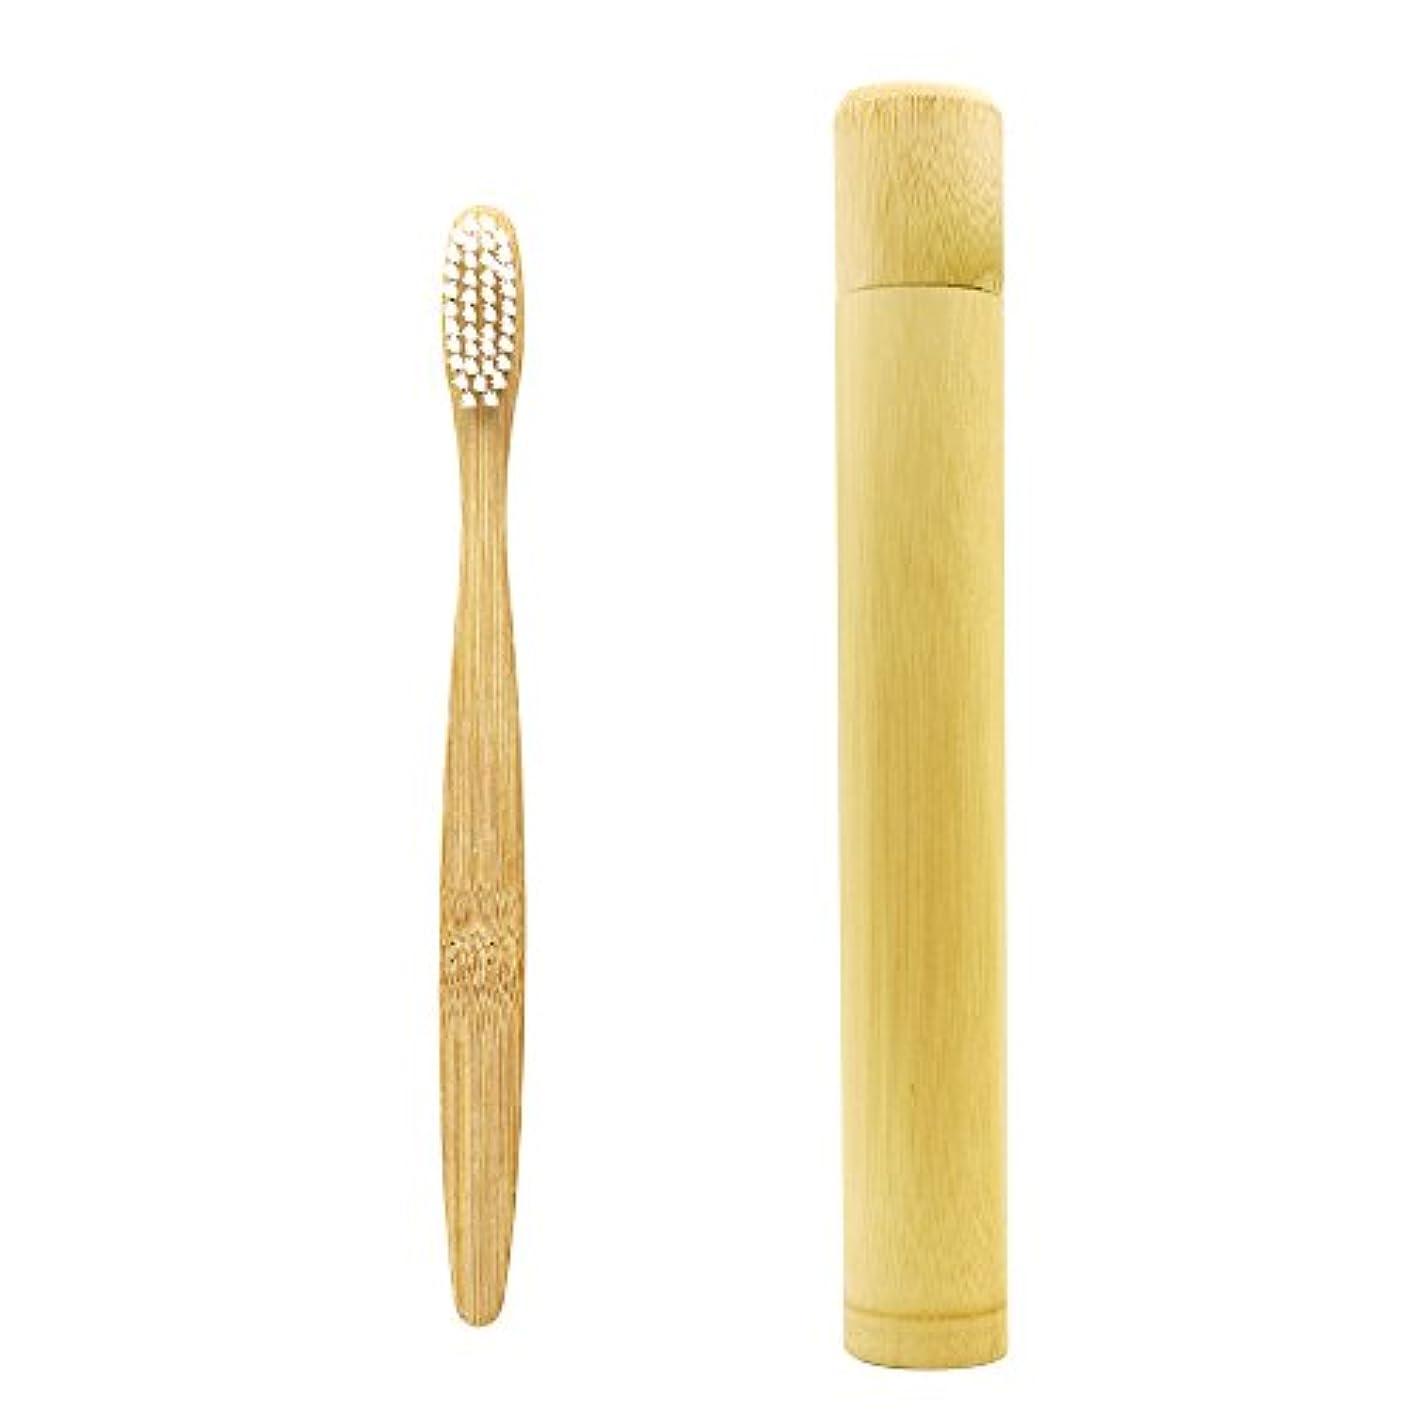 排泄物どんなときも測定可能N-amboo 竹製耐久度高い 白い歯ブラシ 携帯用 ケース付き セット 軽量 携帯便利 出張旅行